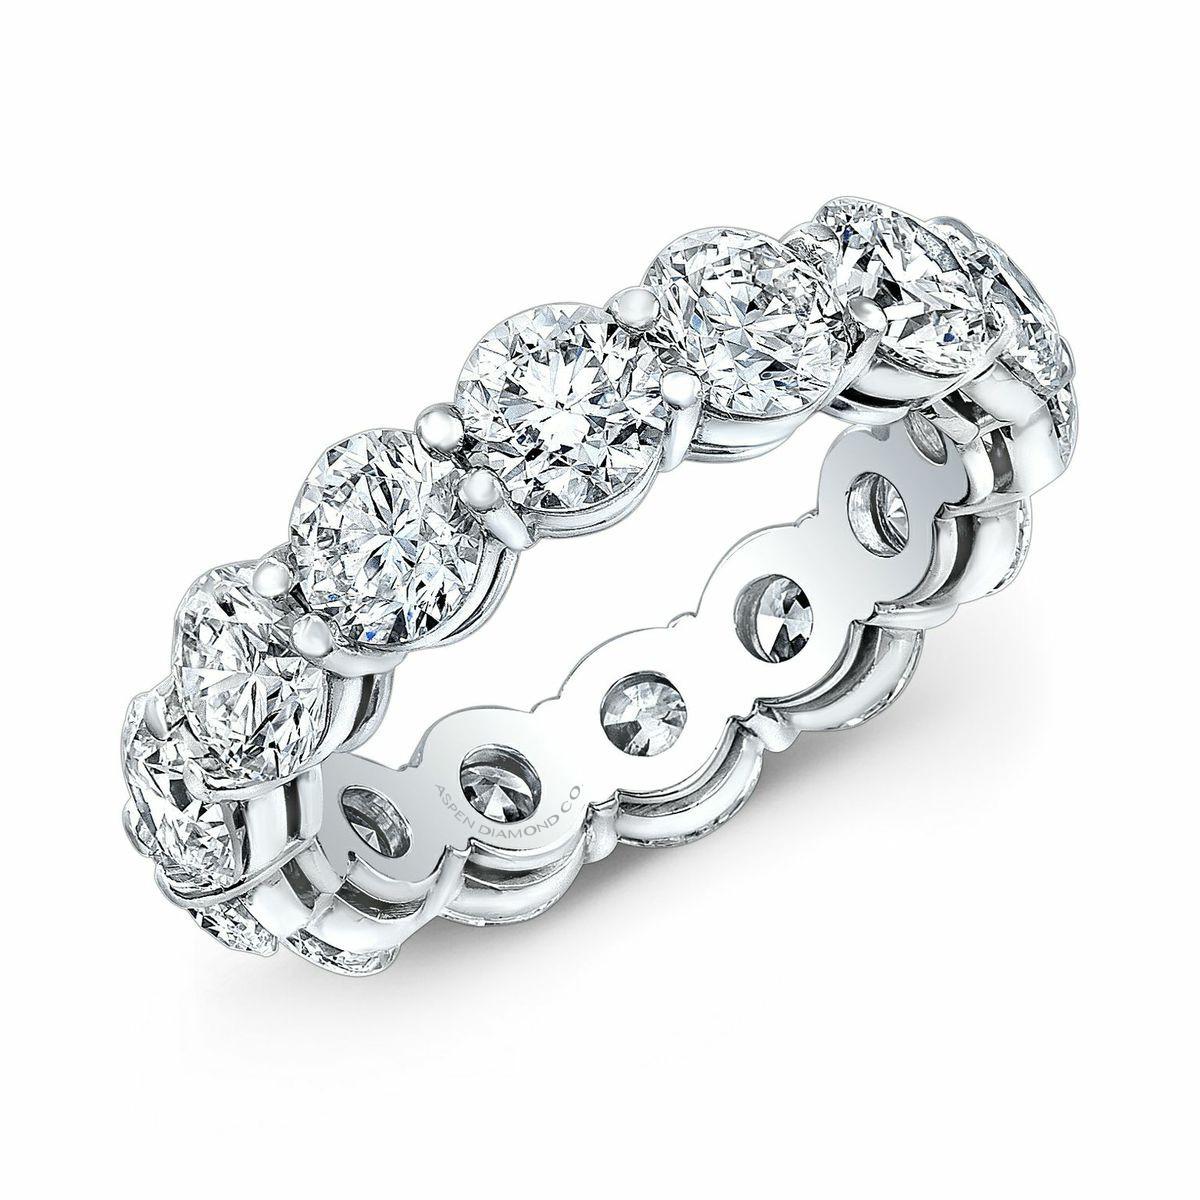 Round Brilliant Diamond Eternity Ring in Platinum